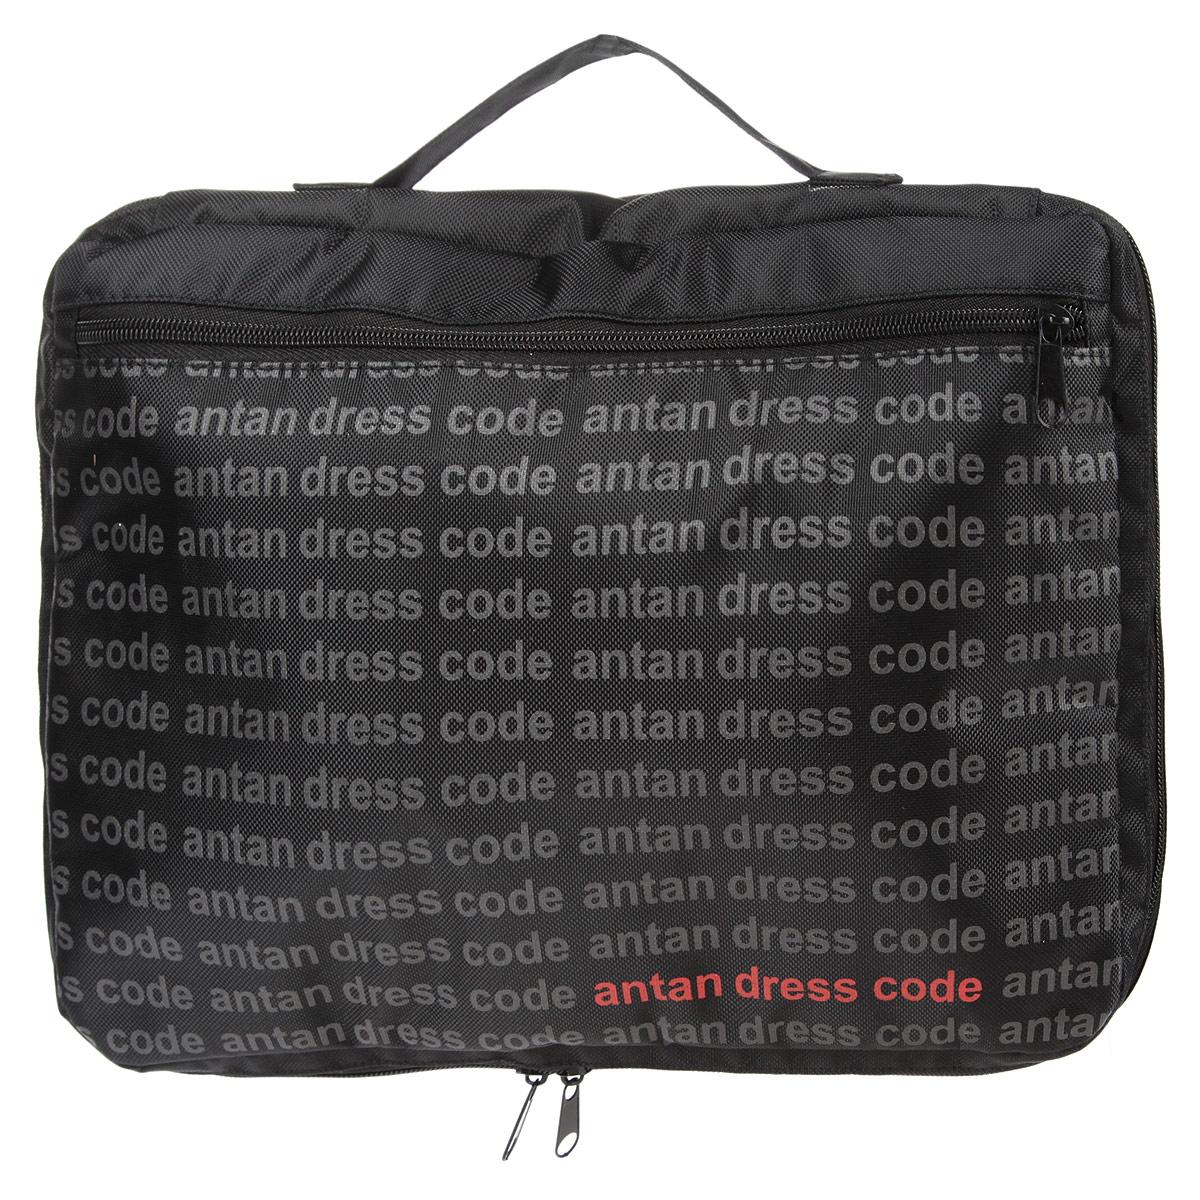 Сумка молодежная Antan, цвет: черный. 3-243-24Практичная молодежная сумка Antan выполнена из полиэстера и оформлена принтом с надписями. Модель имеет одно основное отделение, закрывающееся на молнию. Внешний врезной карман на молнии. Блестящий дизайн сумки, сочетающий классические формы с оригинальным оформлением, позволит вам подчеркнуть свою индивидуальность и сделает ваш образ изысканным и завершенным.